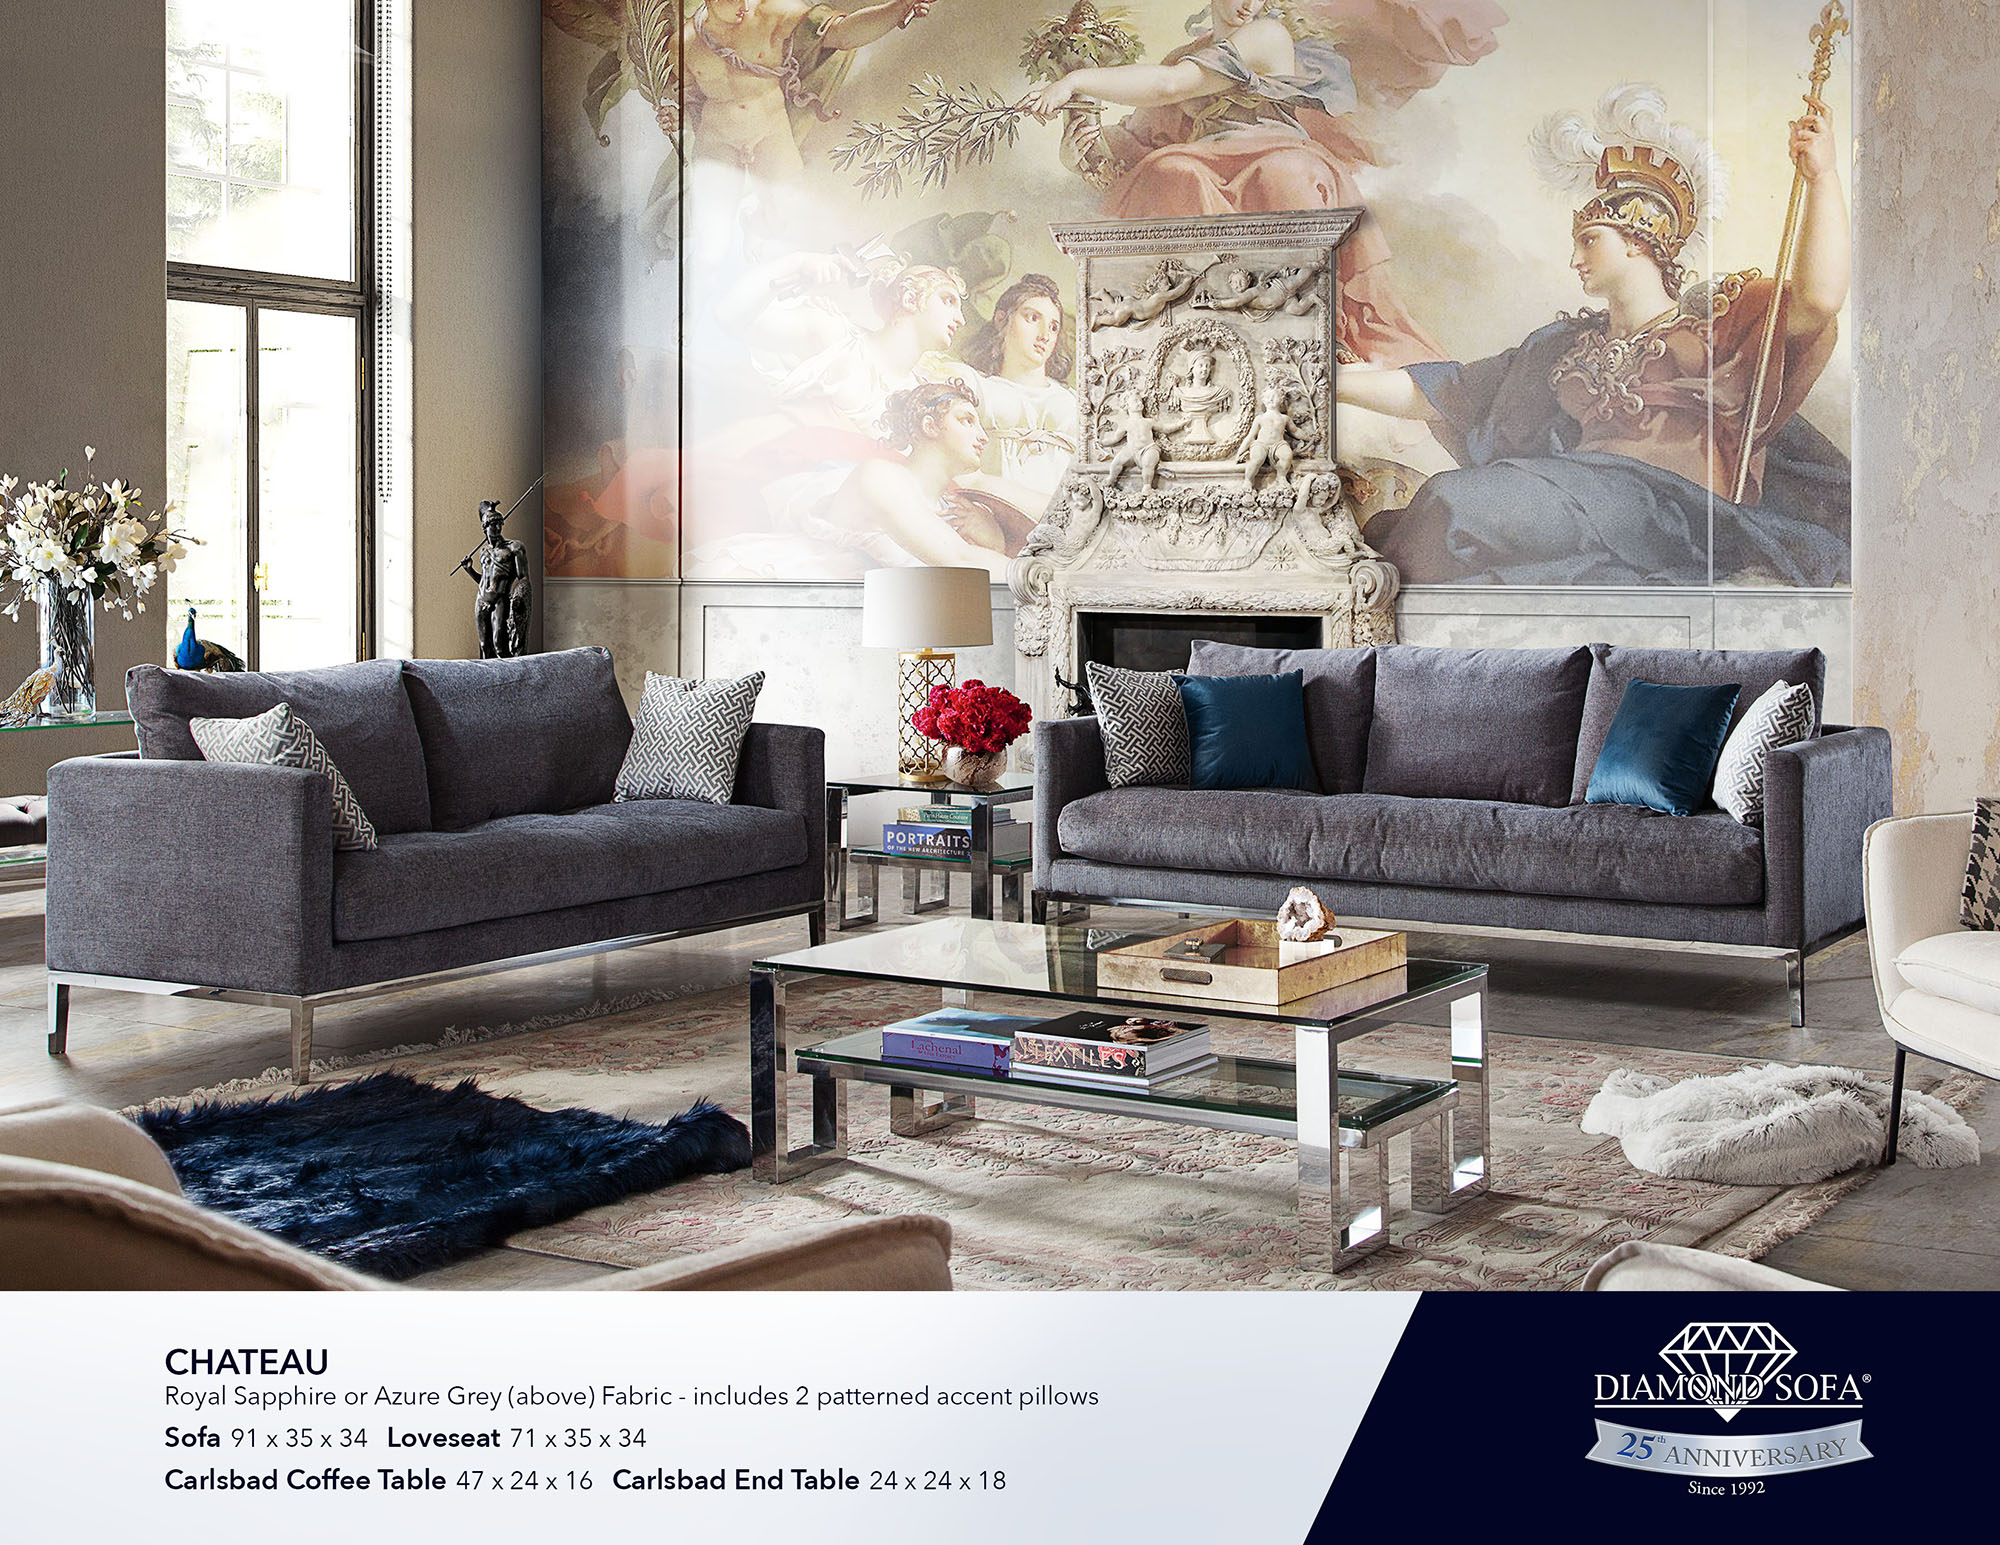 chateau-grey-sofa.jpg